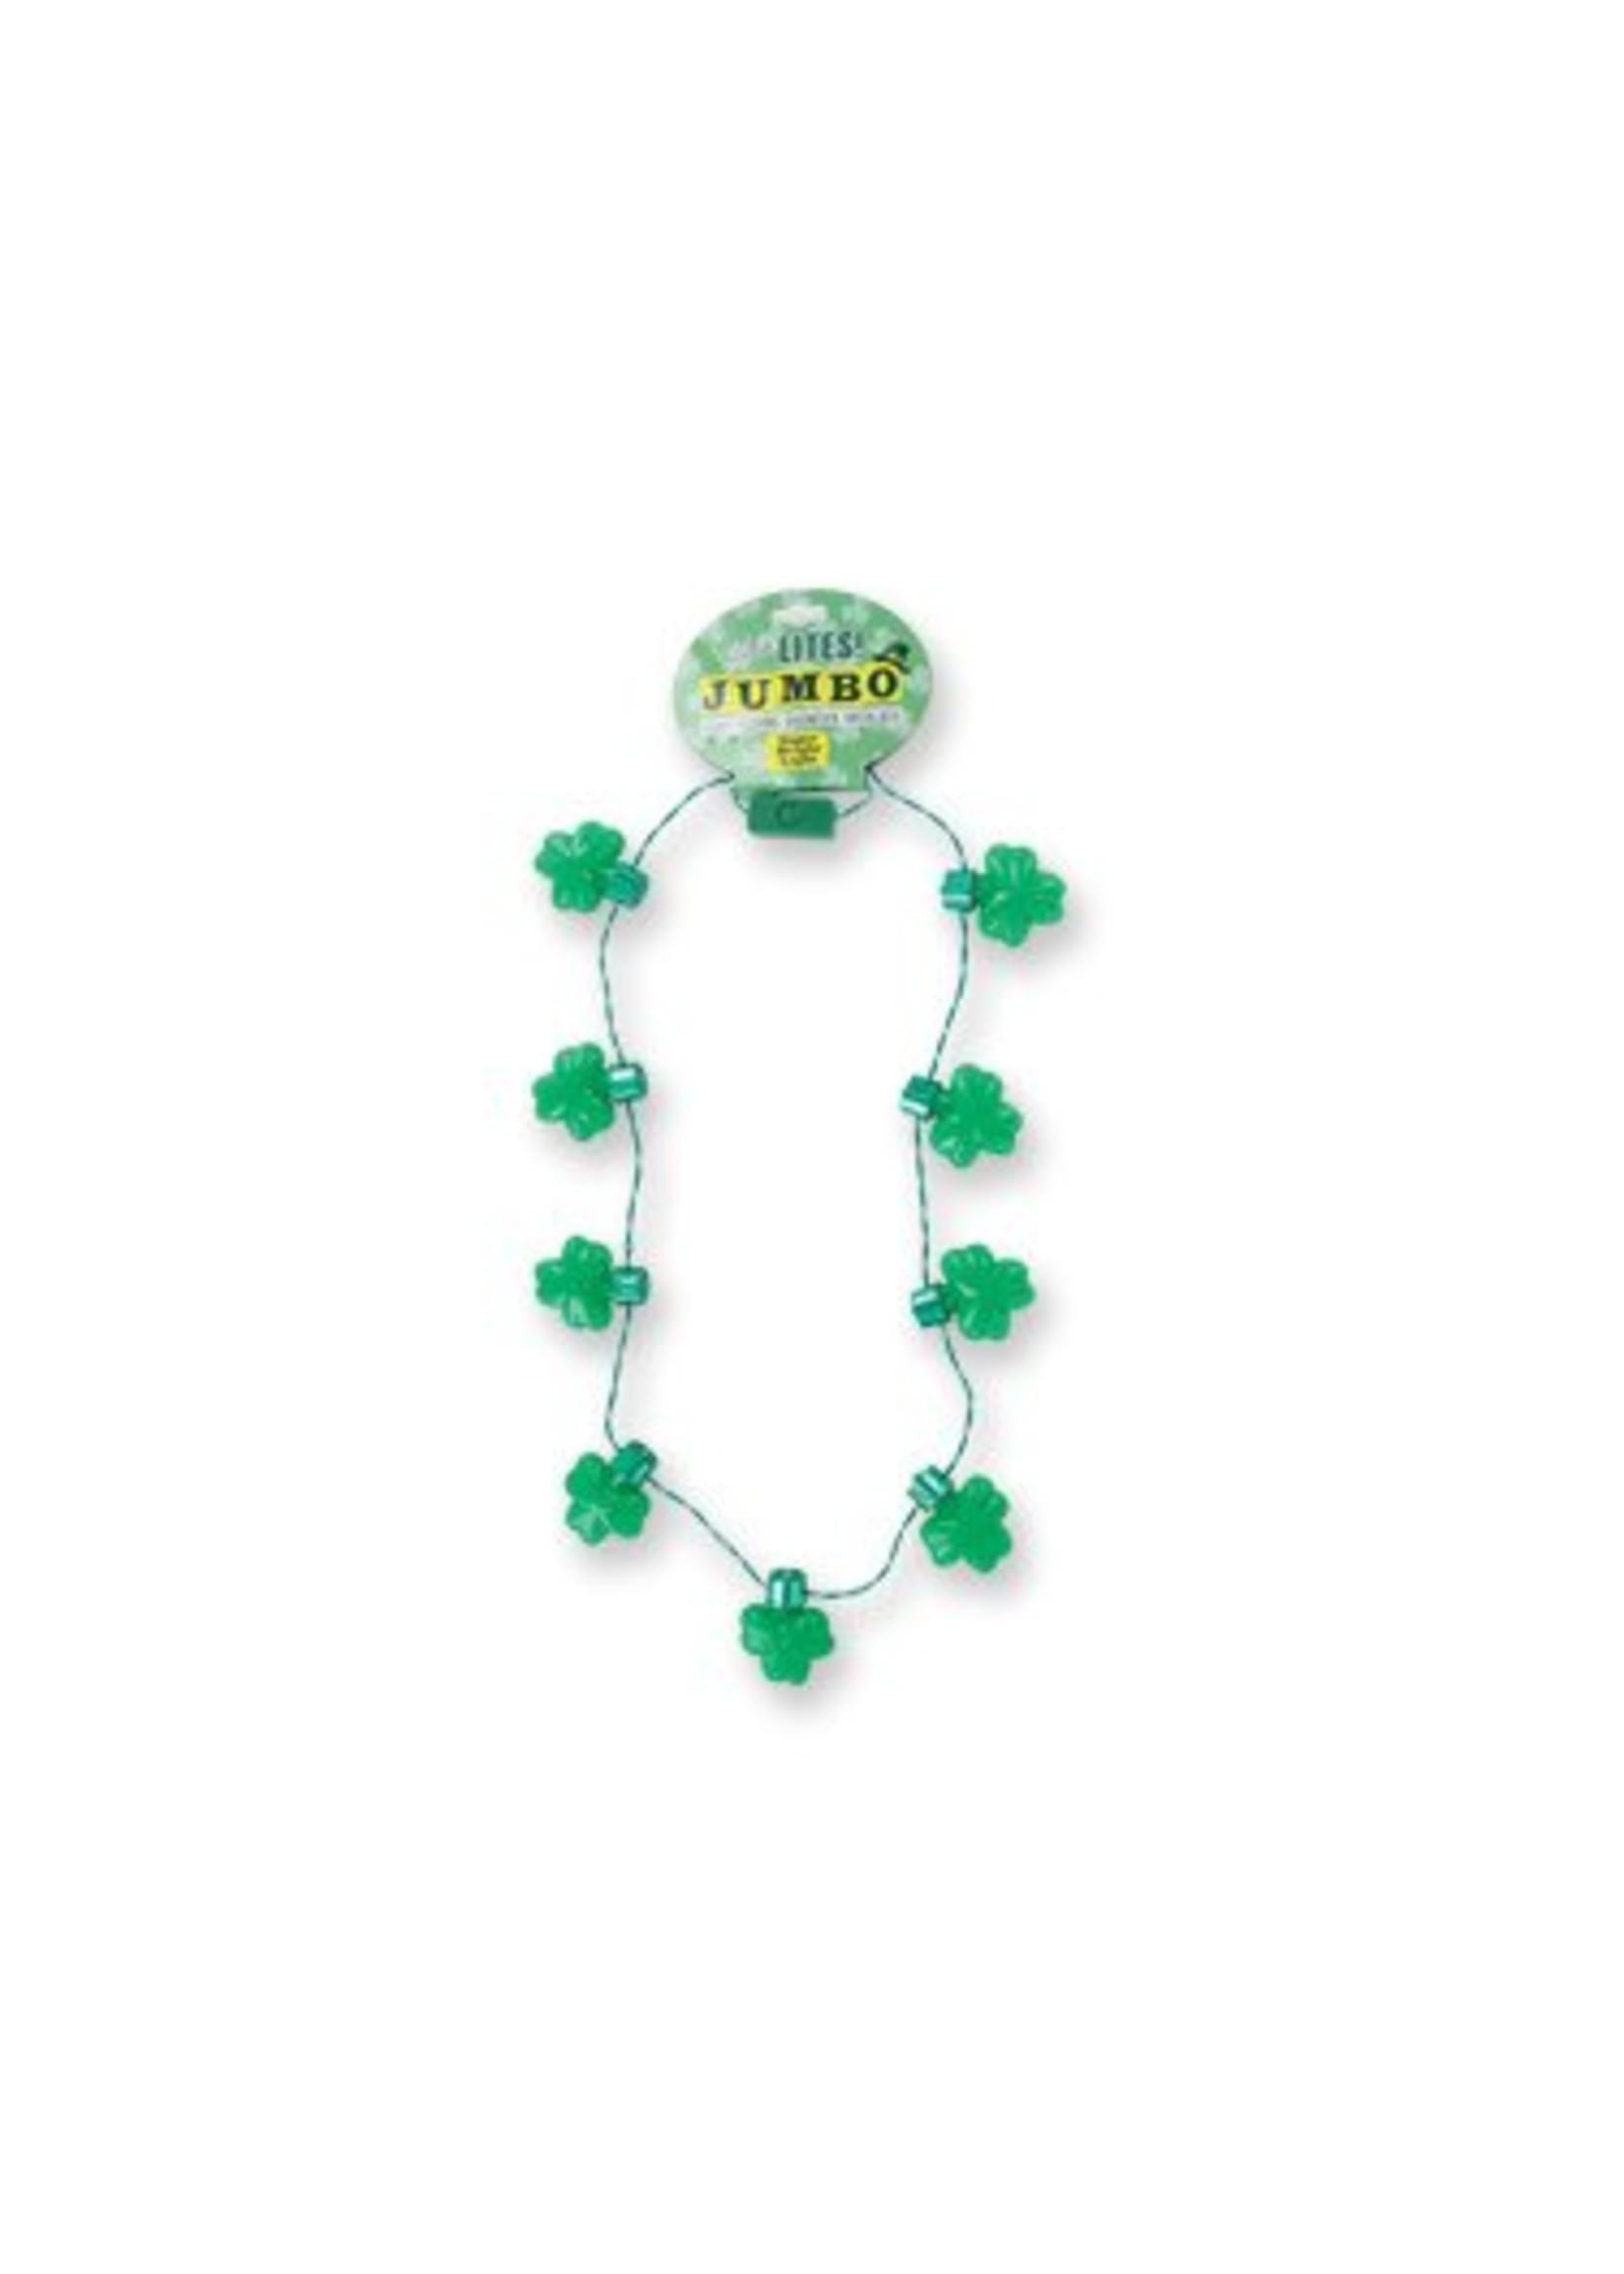 St. Patrick's Jumbo Light Up Necklace